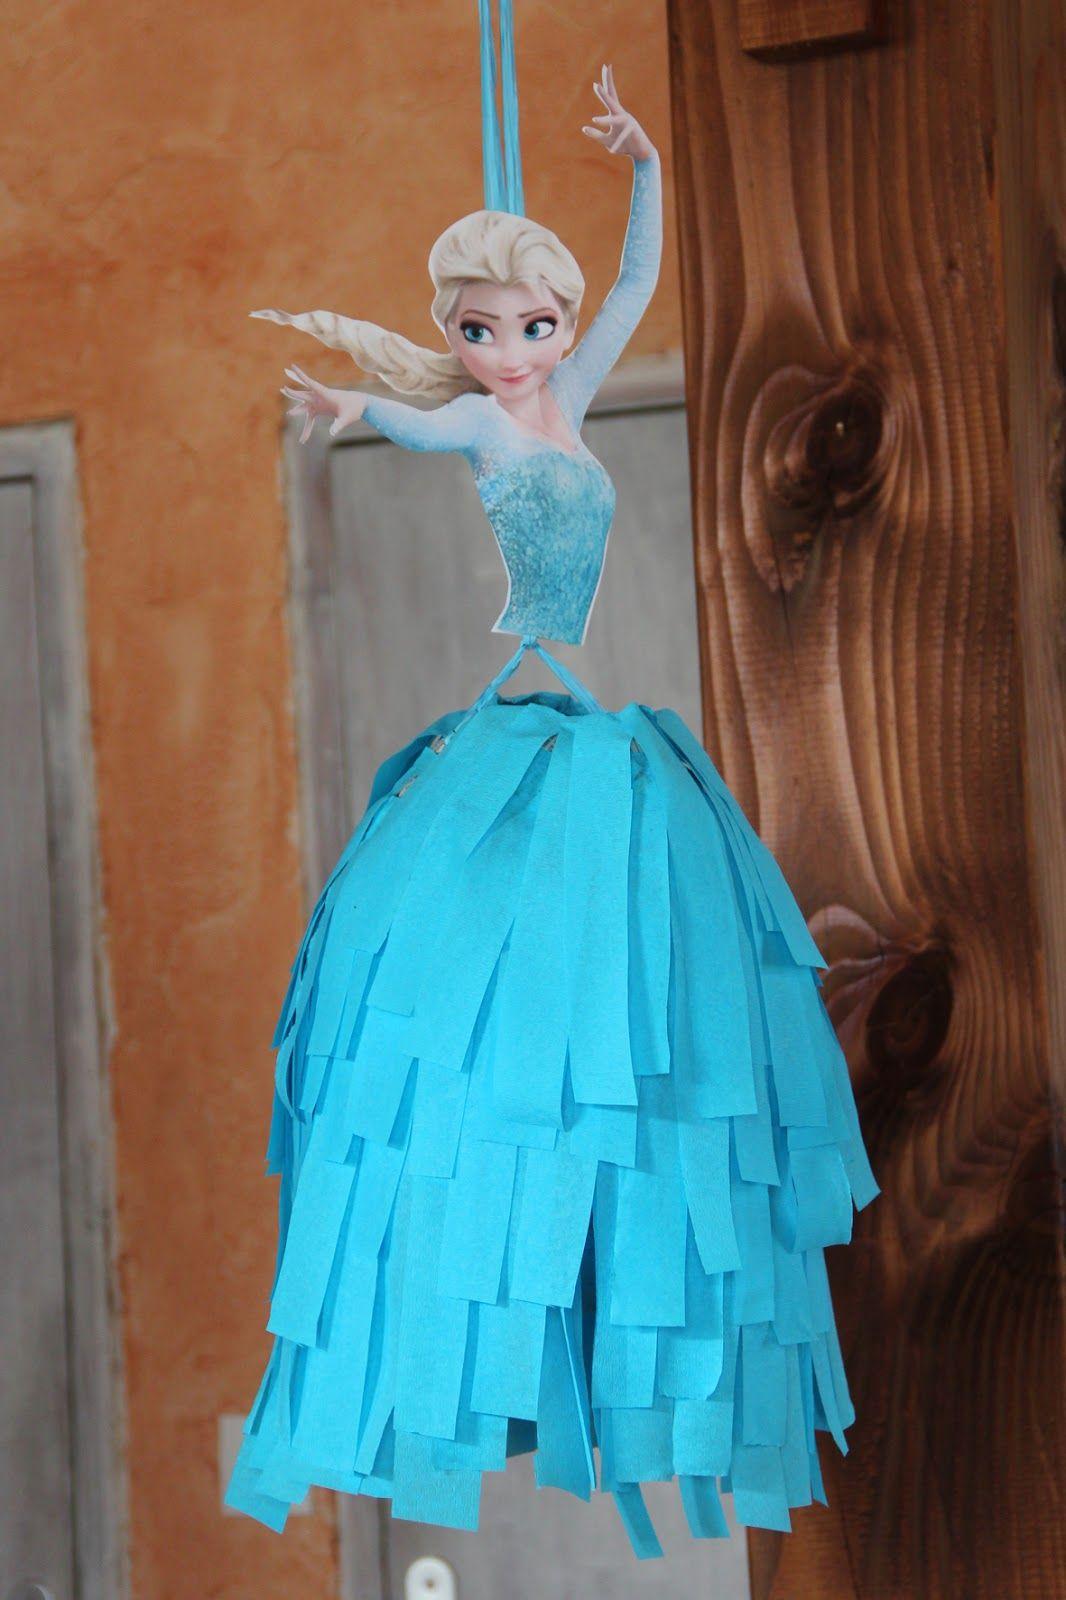 r crations de lili anniversaire reine des neiges - Joyeux Anniversaire Reine Des Neiges